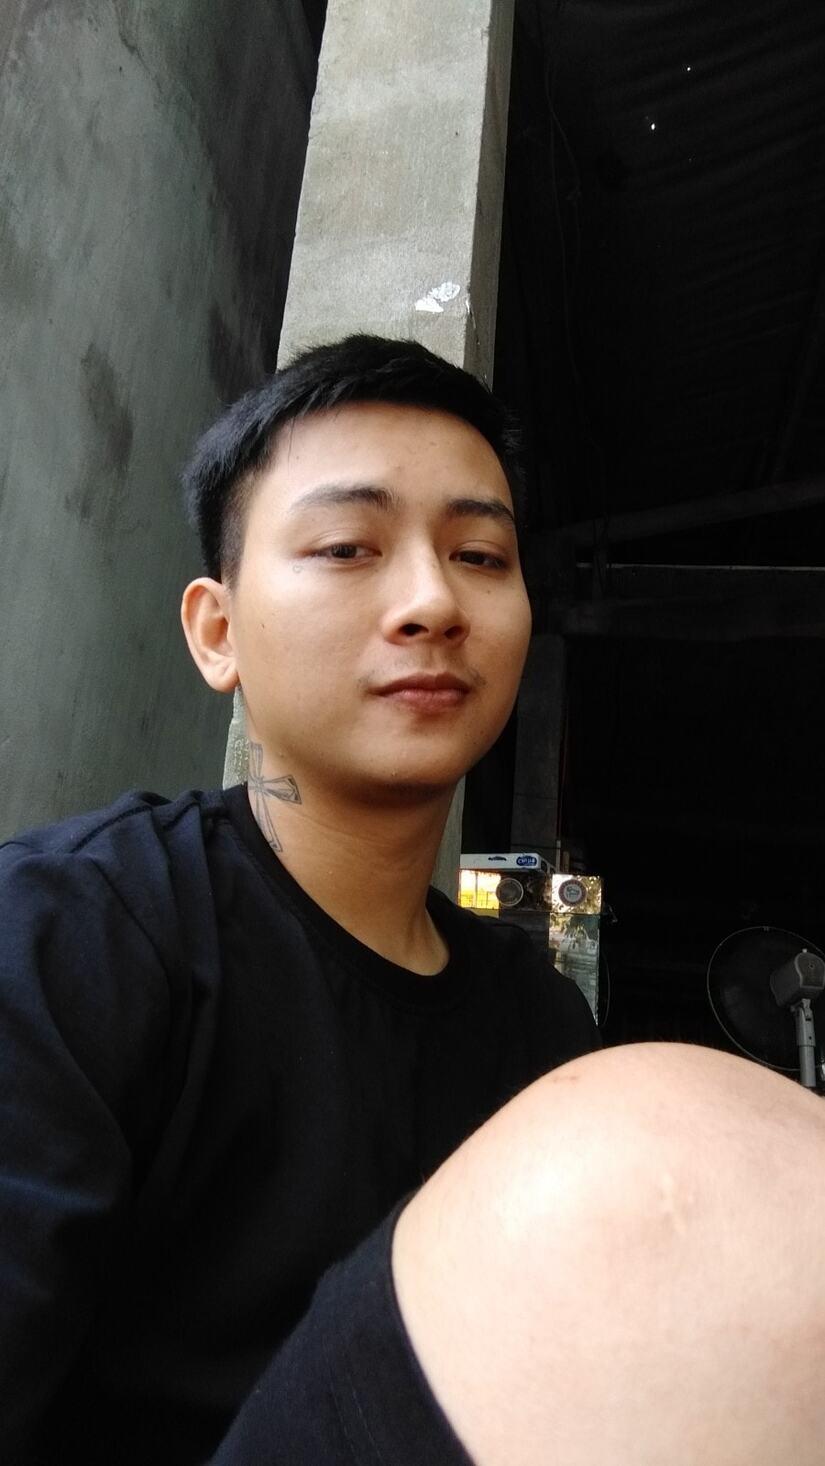 Hoài Lâm bỏ nghệ danh do cha nuôi Hoài Linh đặt, lập nhóm nhạc trở lại showbiz